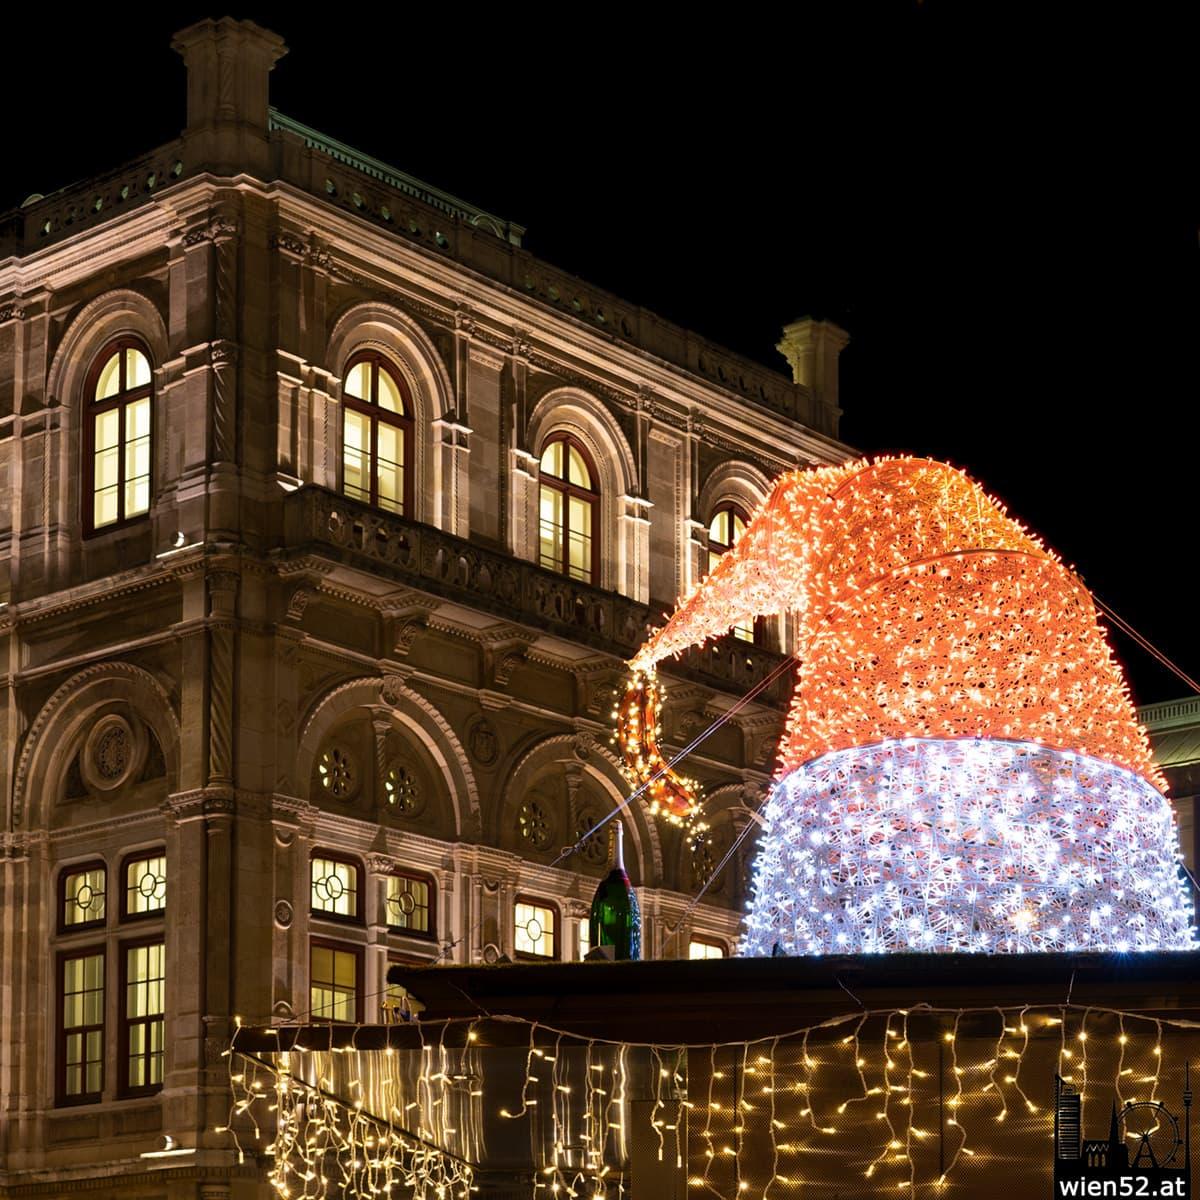 Beleuchtung vor der Wiener Staatsoper